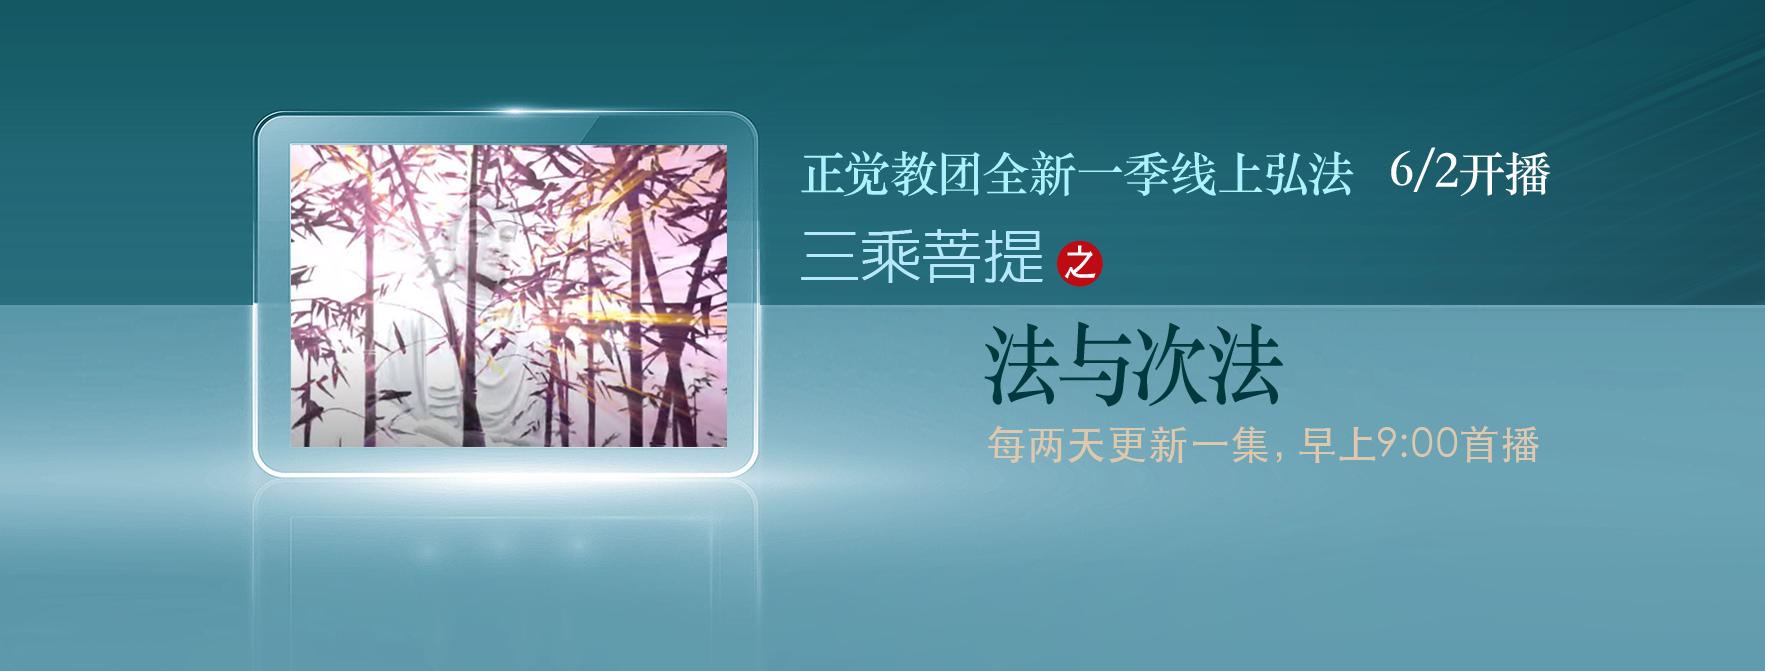 banner-a24-cn